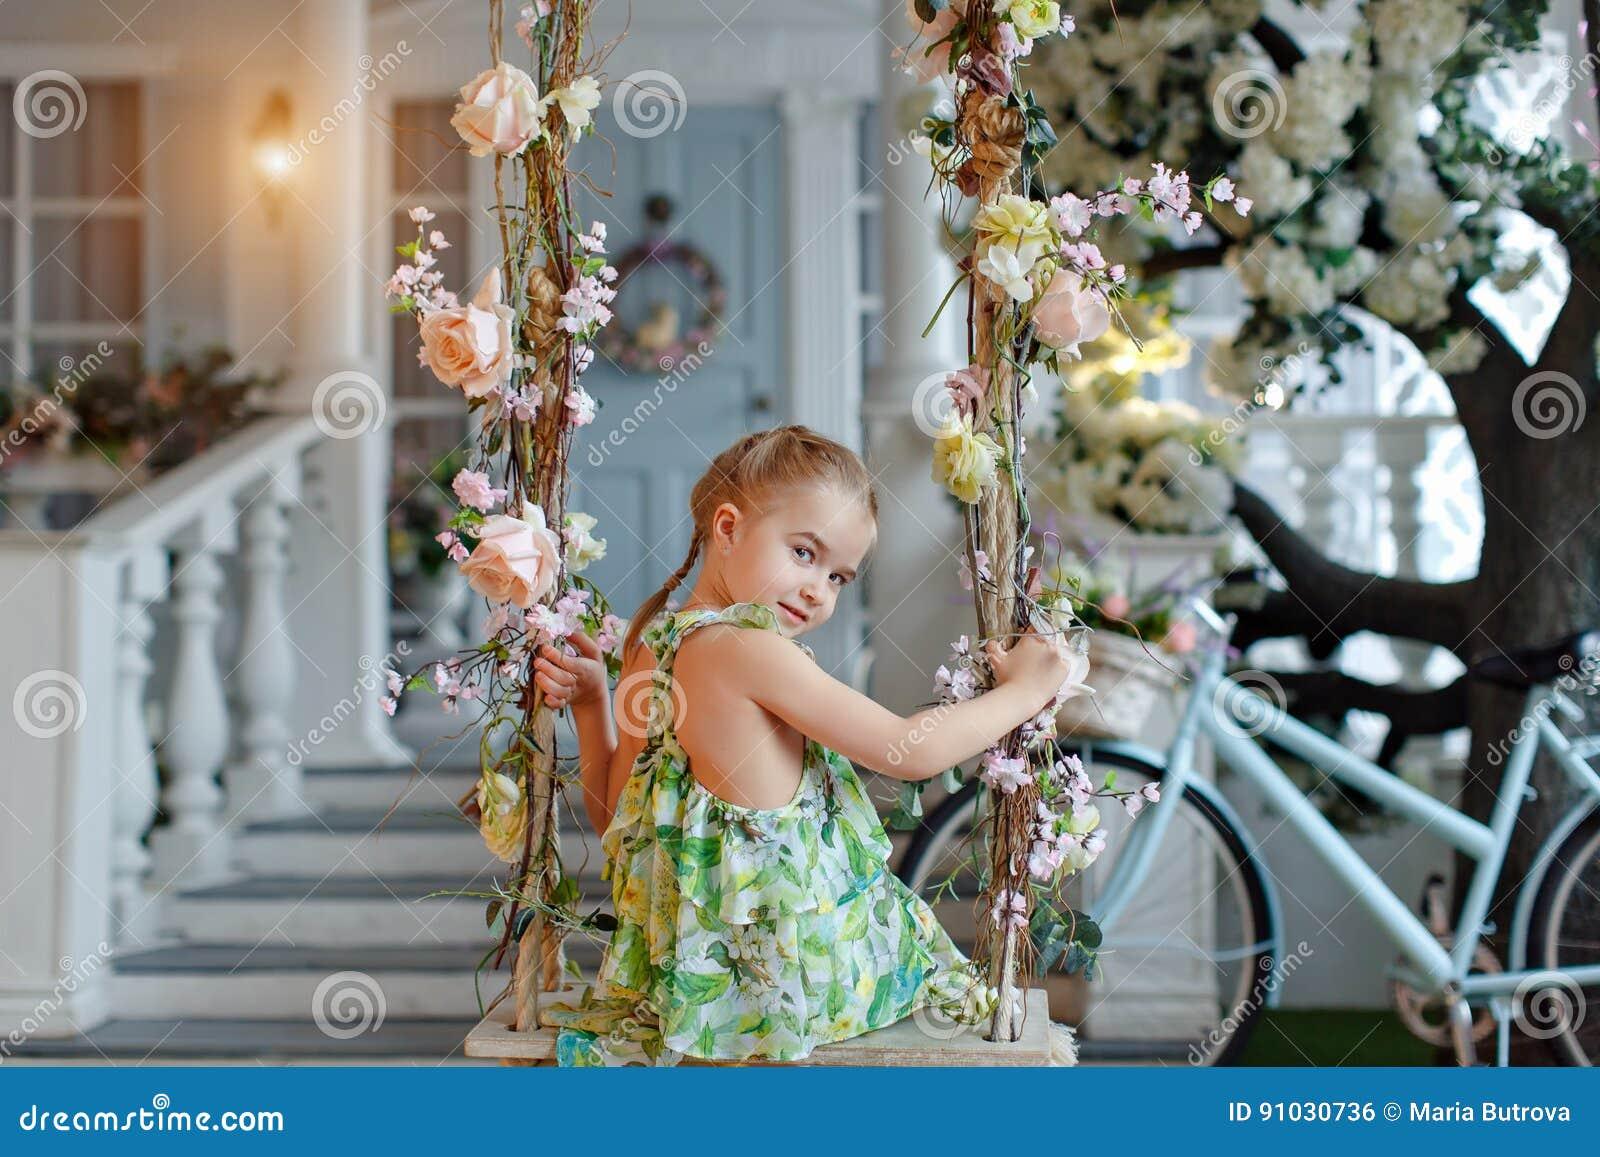 一件绿色礼服的逗人喜爱的小女孩坐摇摆装饰了wi